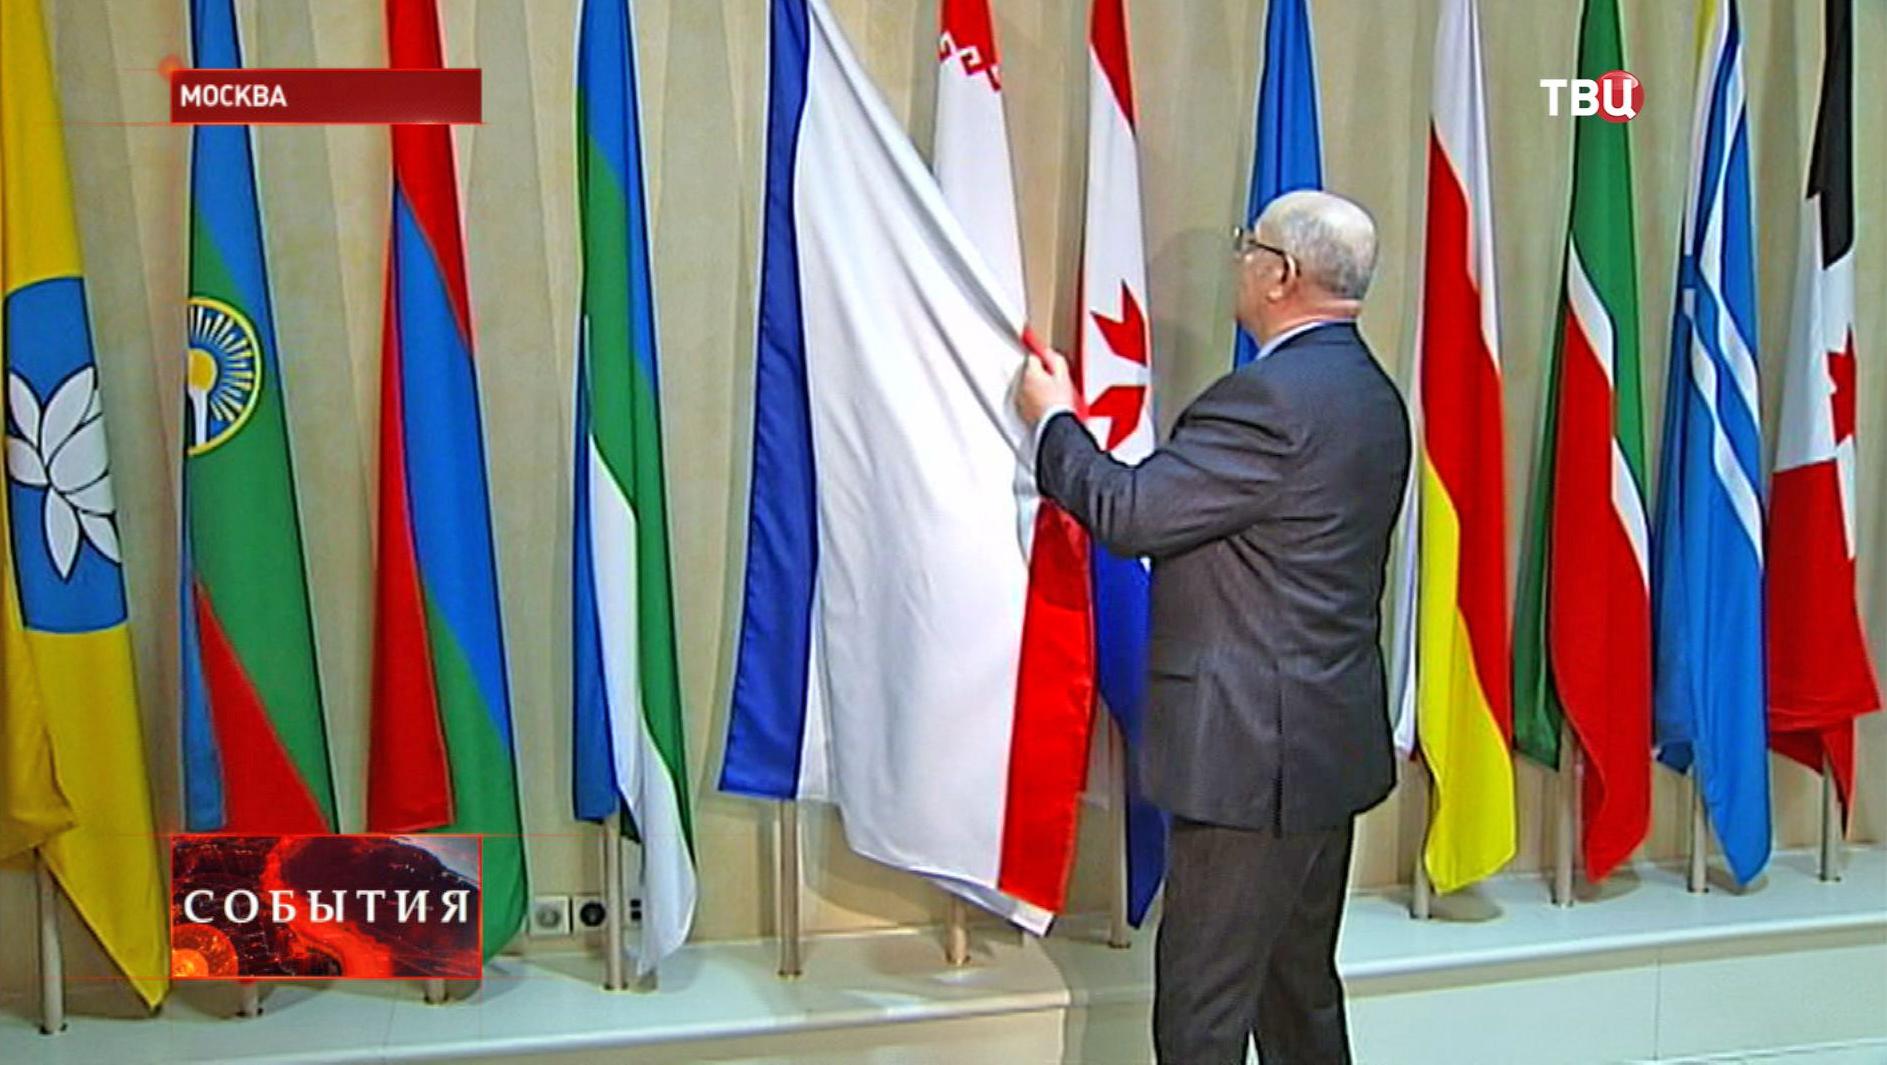 Торжественное поднятие флага Крыма в галерее флагов Совета Федерации